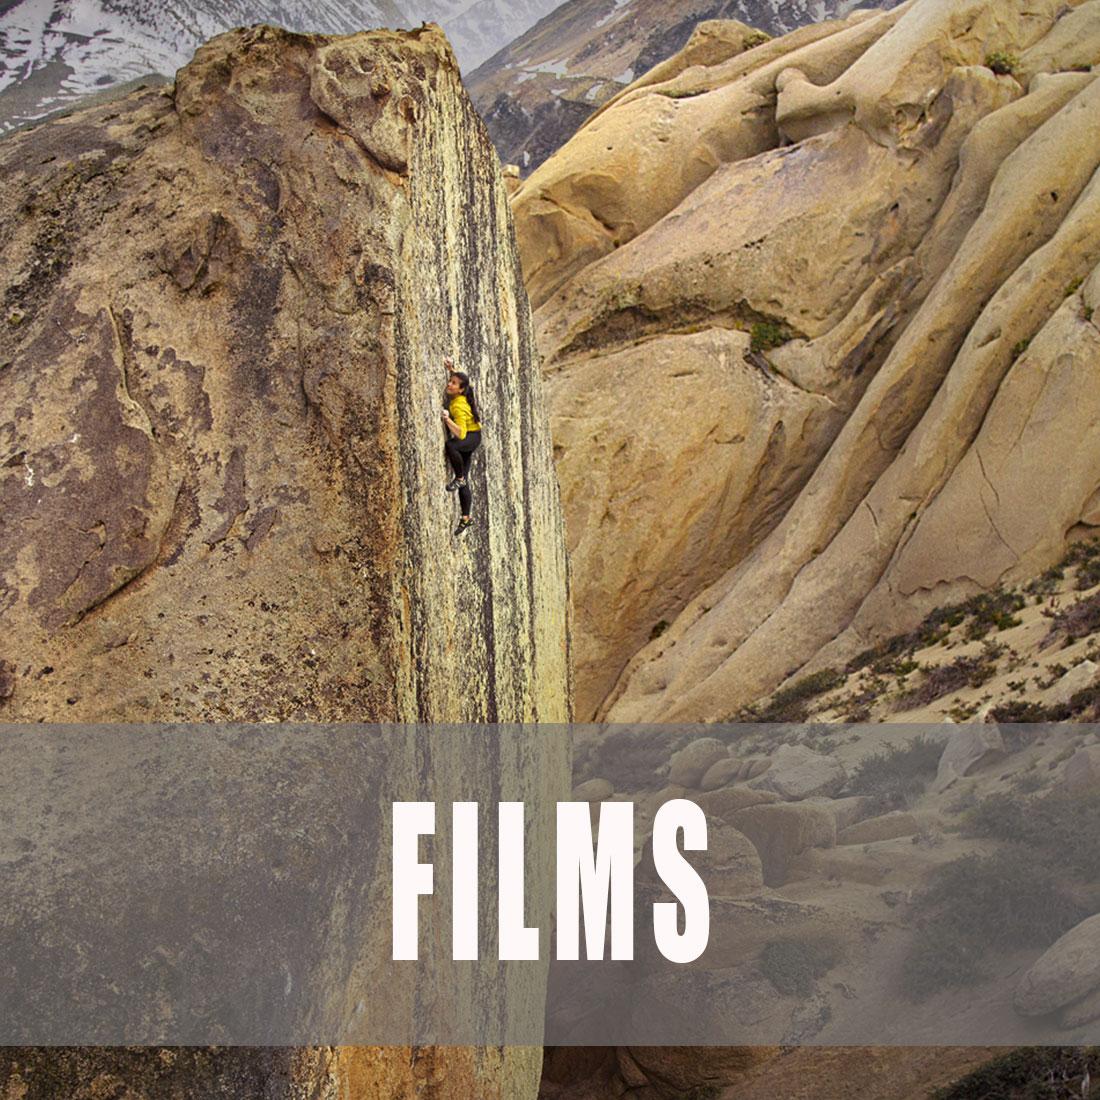 Films-media